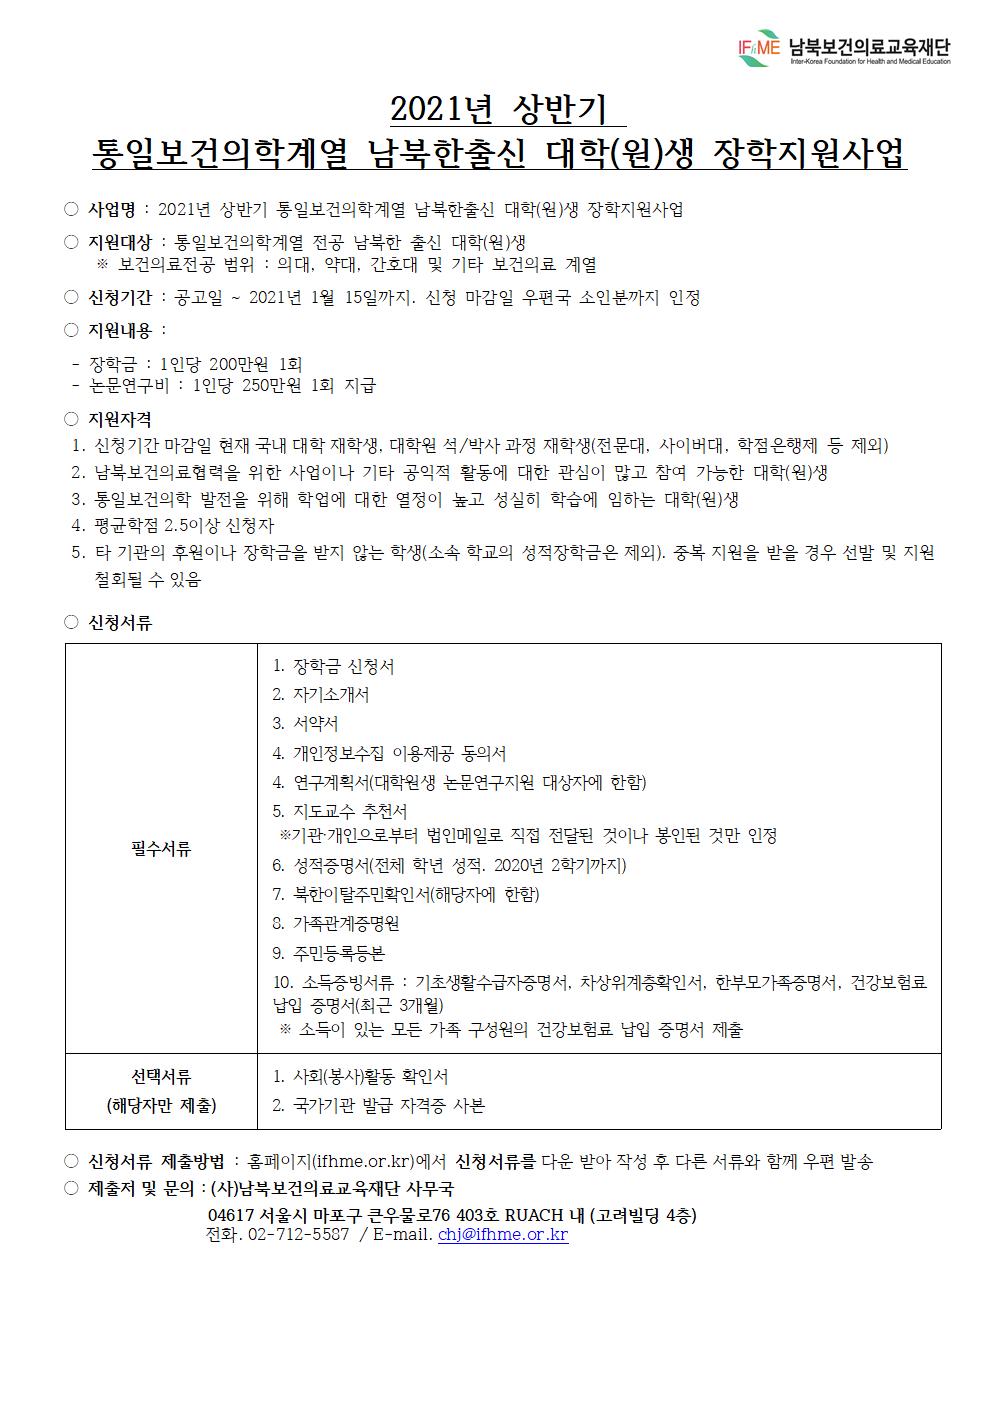 2021년-통일보건의학 장학사업 안내문_20122001.png